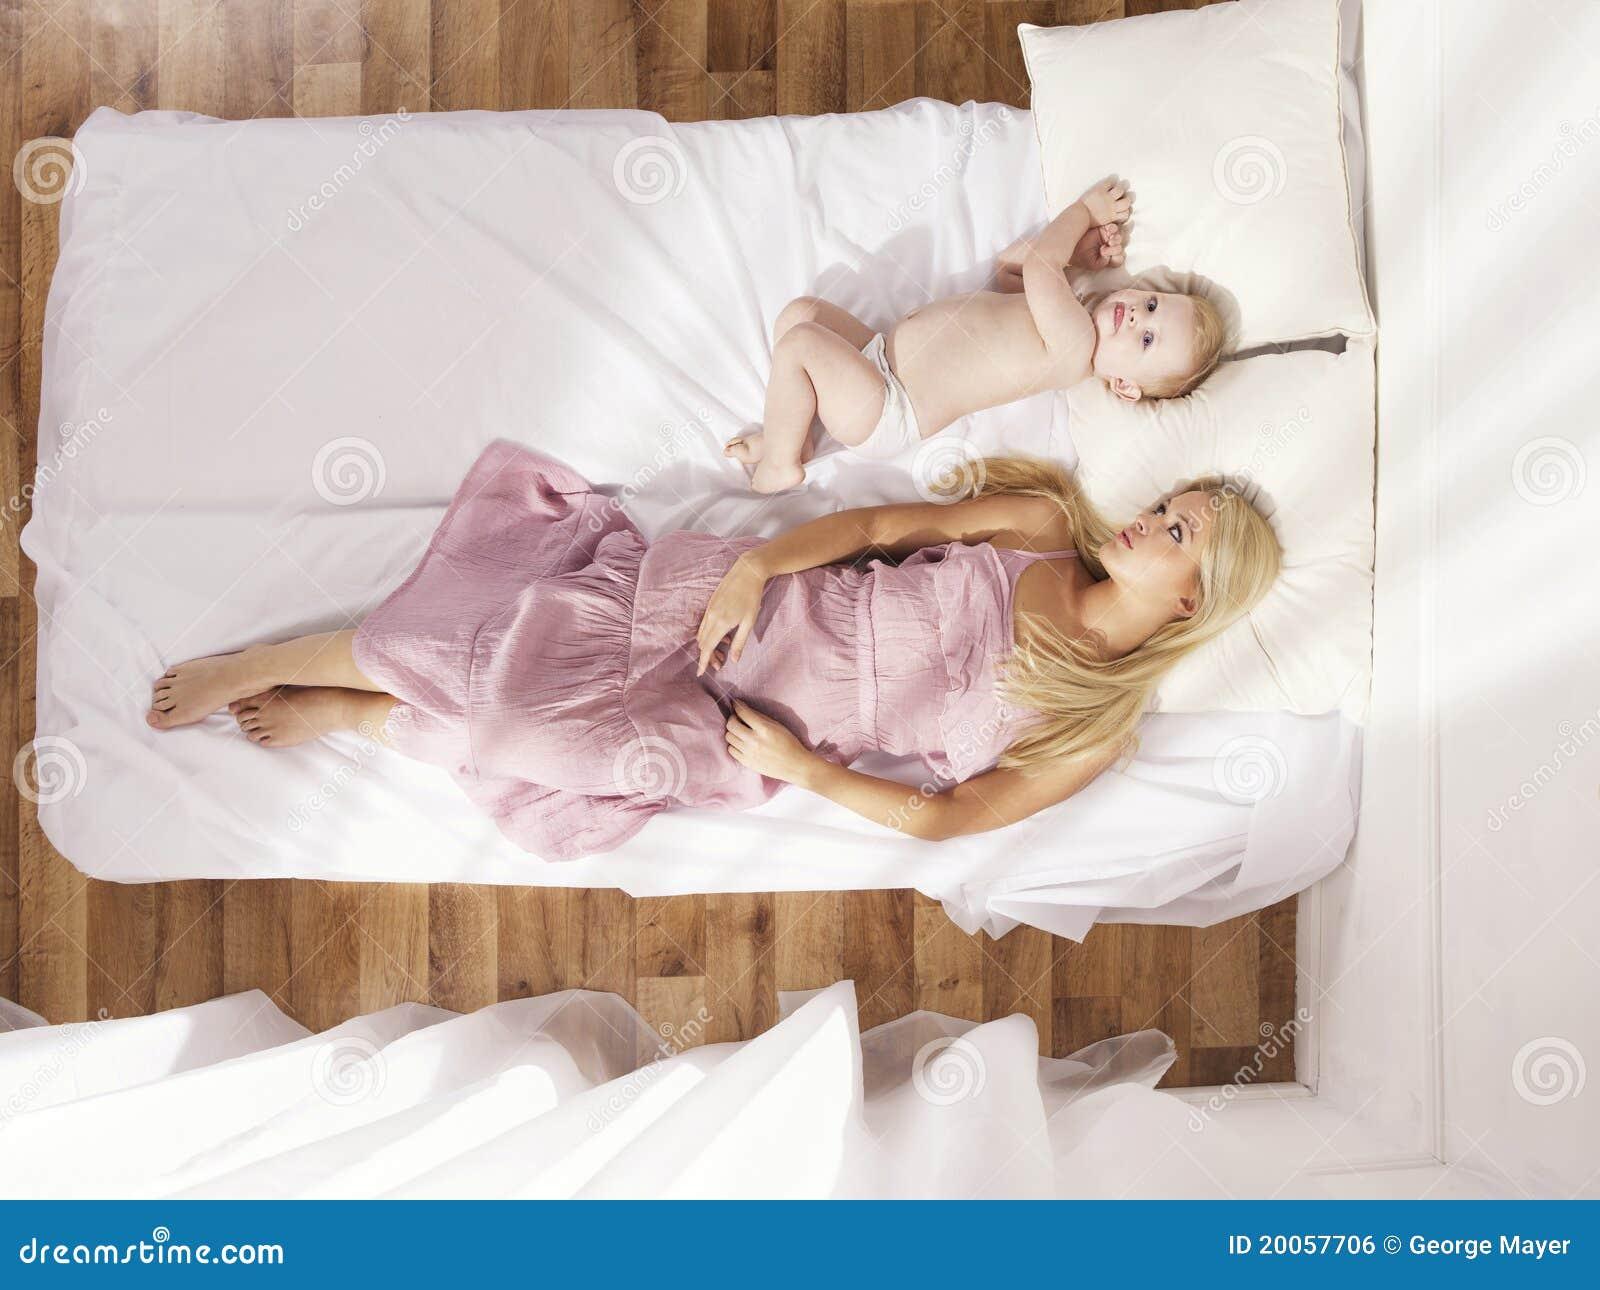 Сын подсматривал за спящей мамой смотреть бесплатно, Сын подглядел за тренировкой мамы и трахнул ее порно 23 фотография